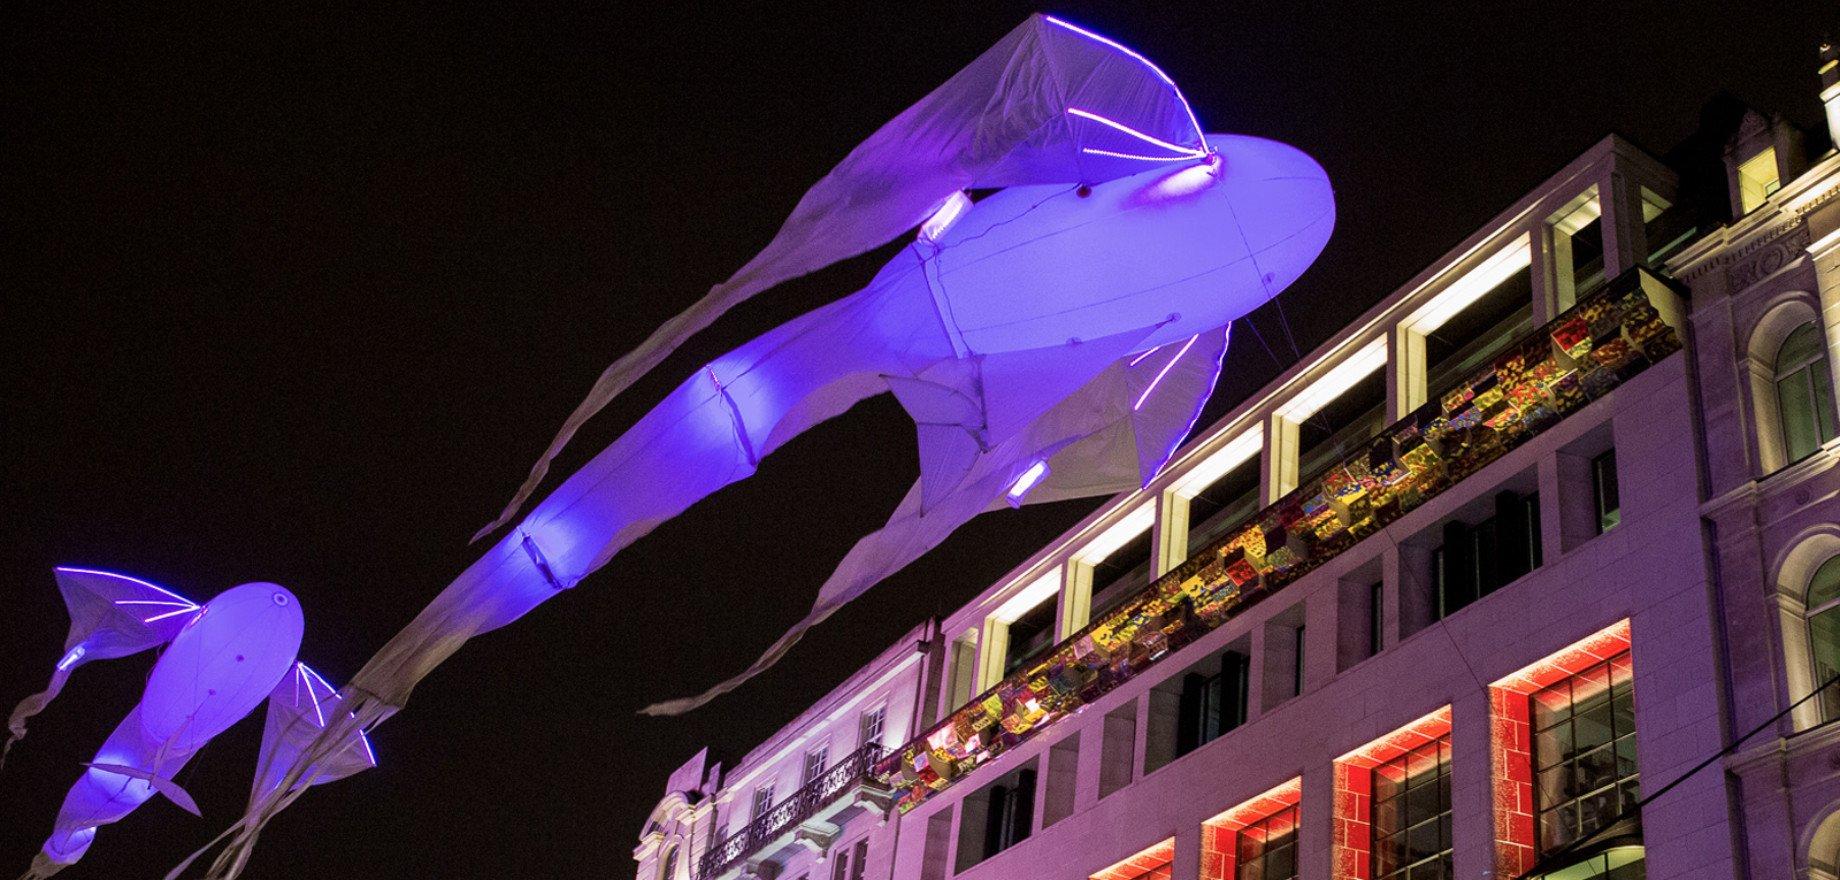 В программе: Летающие «Люминолии». Воздушные скульптуры — фантастические летающие рыбы из романов Гибсона в вечернем небе фестиваля.